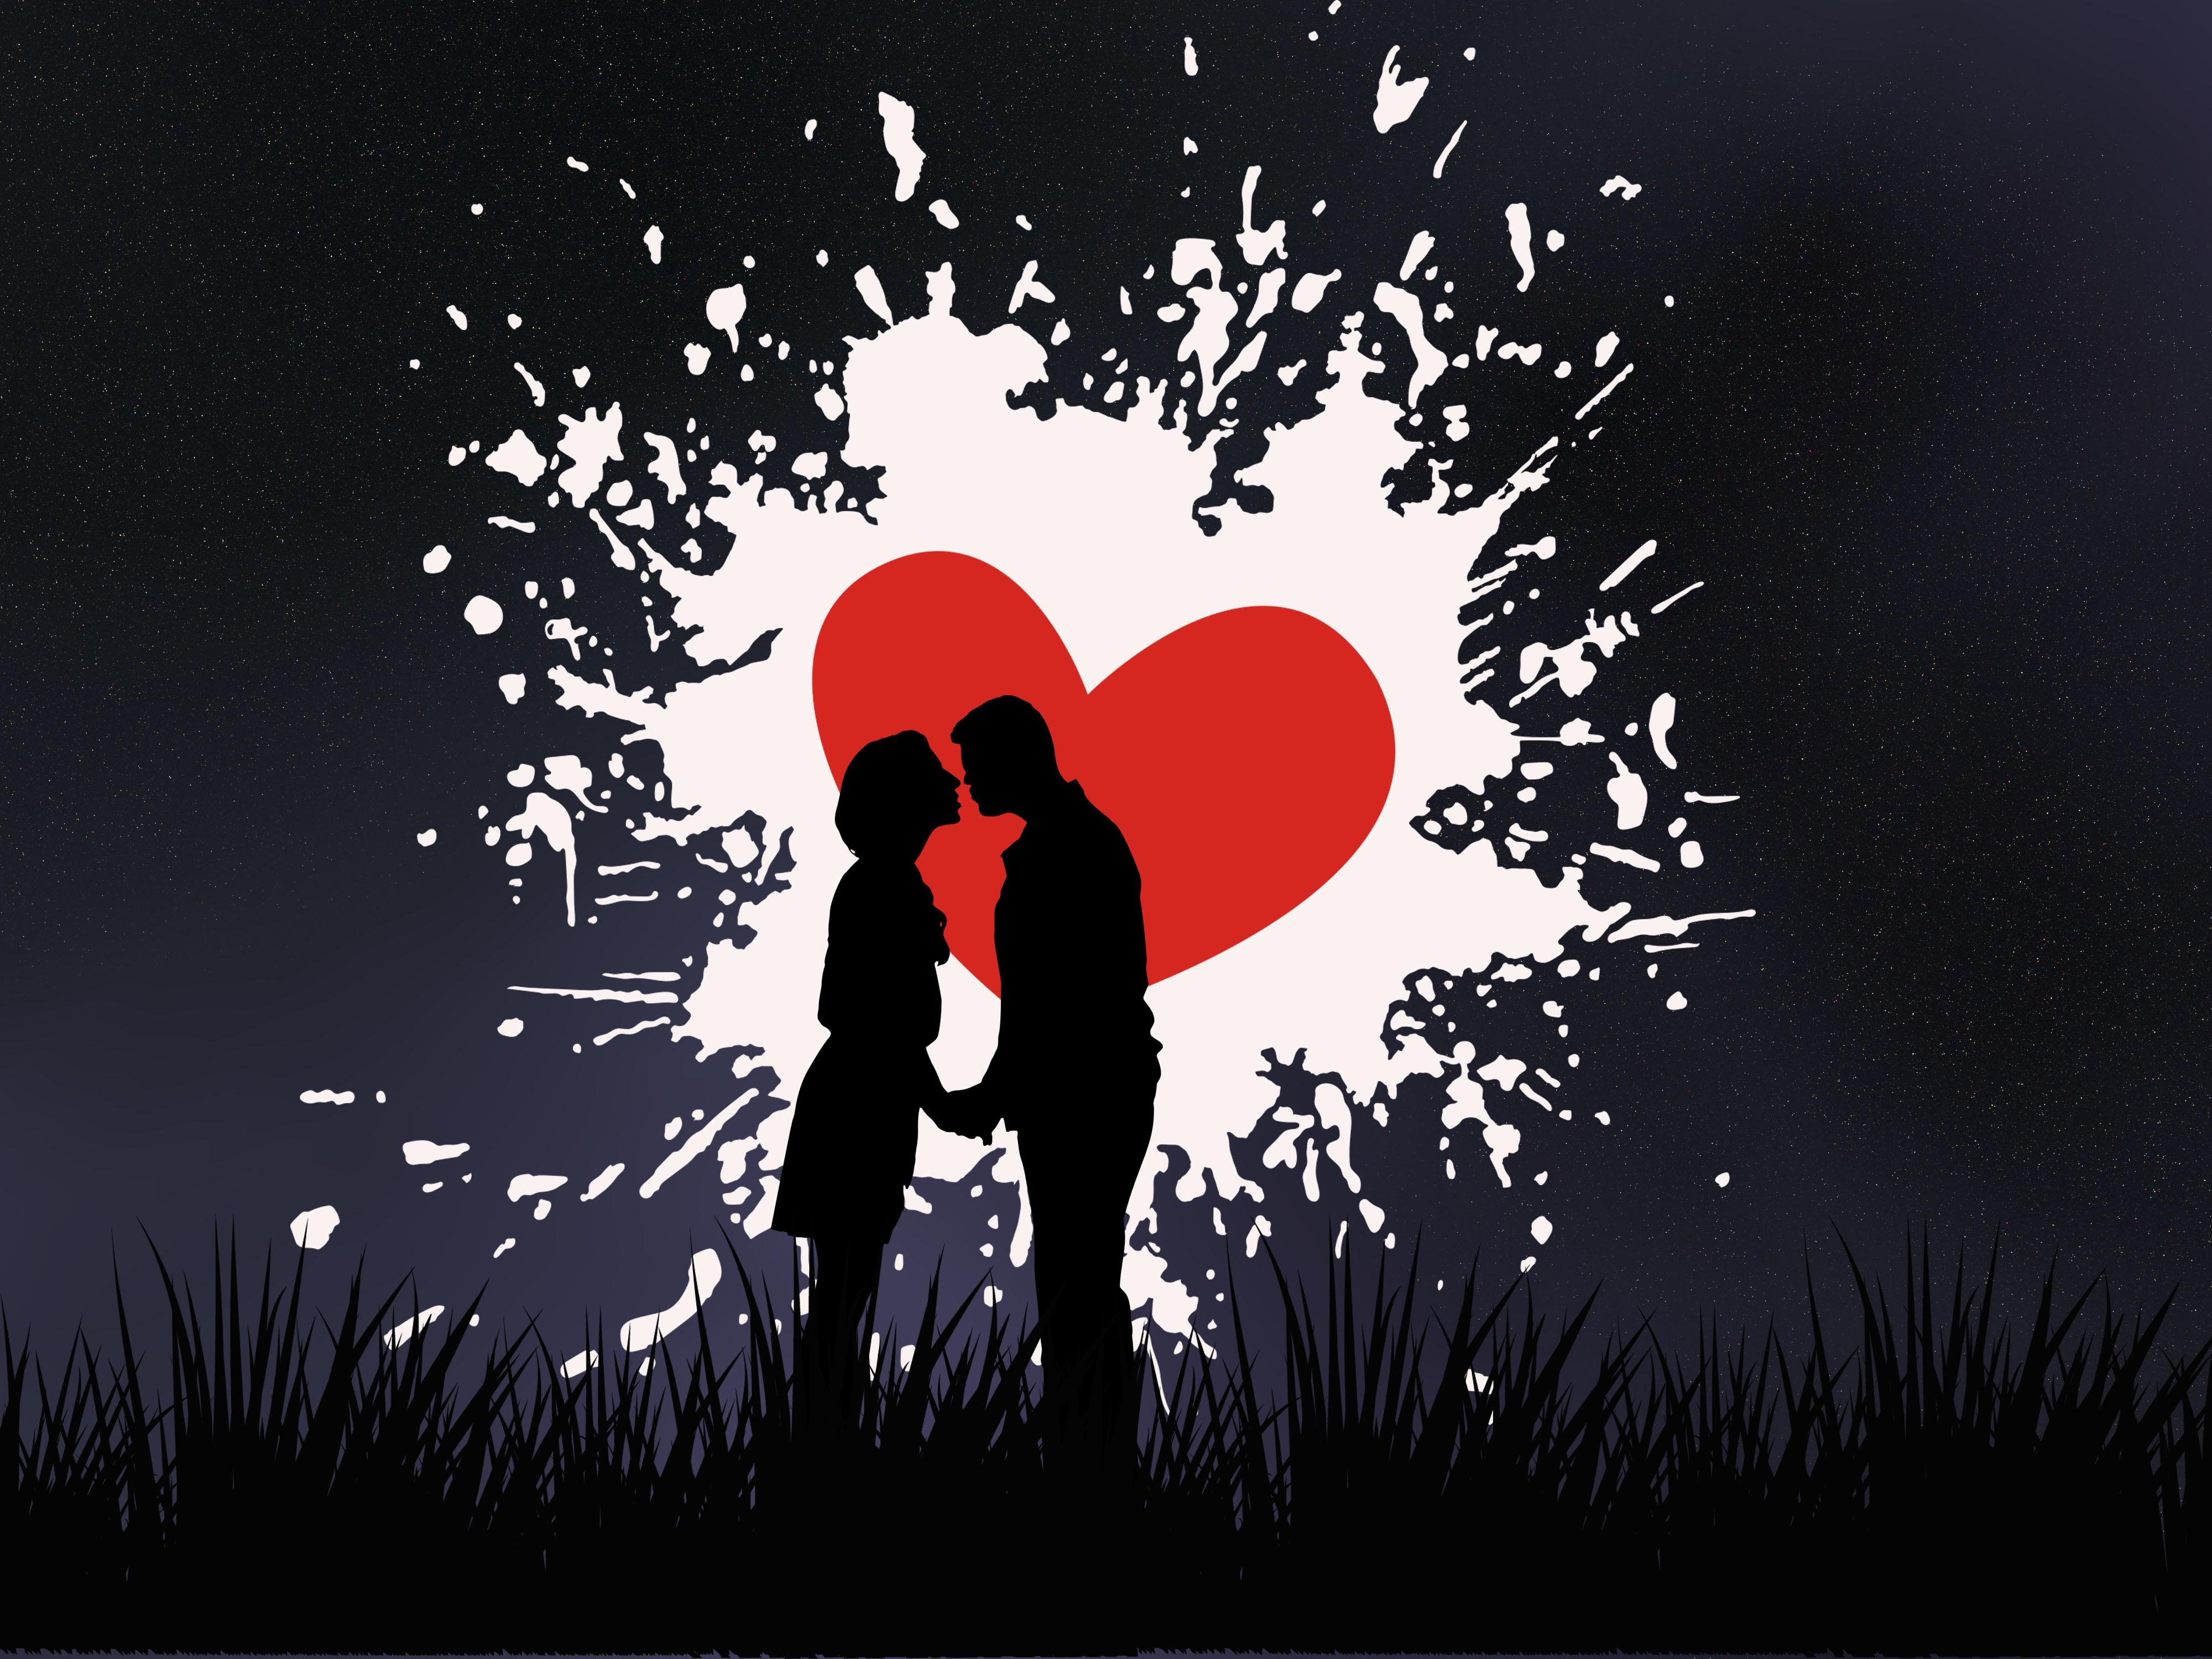 113074 скачать обои Поцелуй, Любовь, Пара, Силуэты, Сердце - заставки и картинки бесплатно